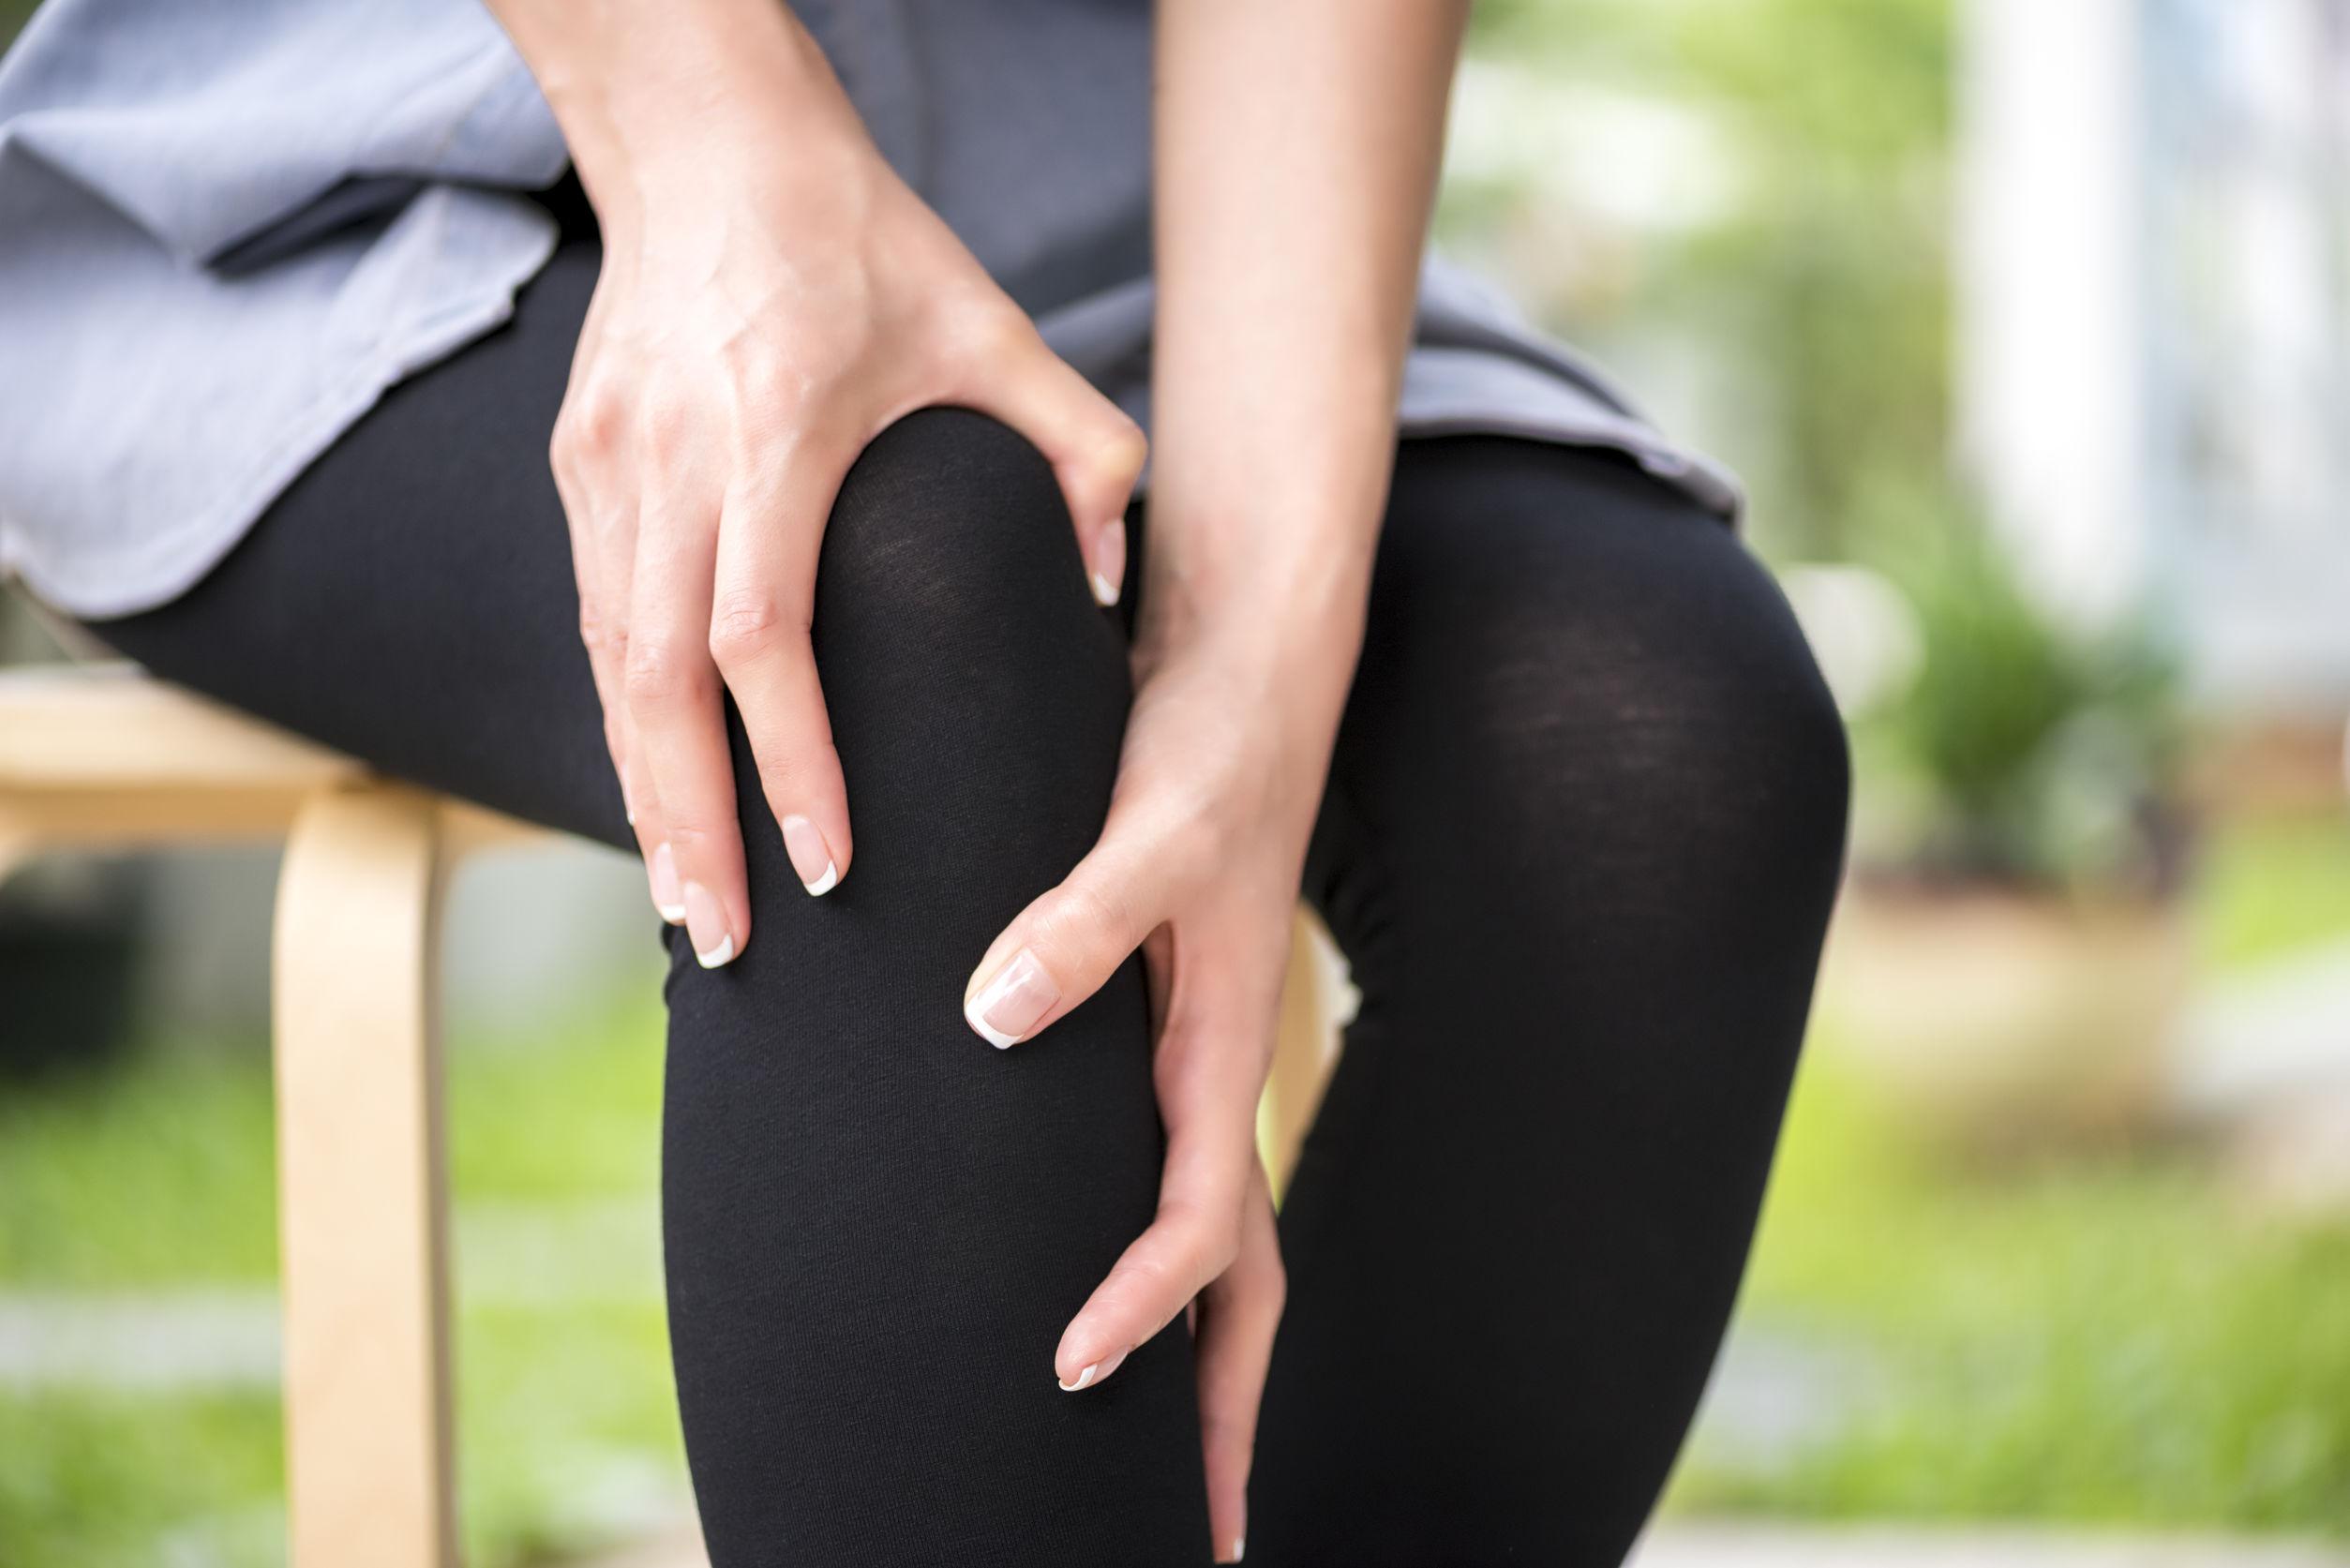 Uma cartilagem sintética pode ser forte o suficiente para a substituição do joelho - Naturopathic Doctor News and Review 12